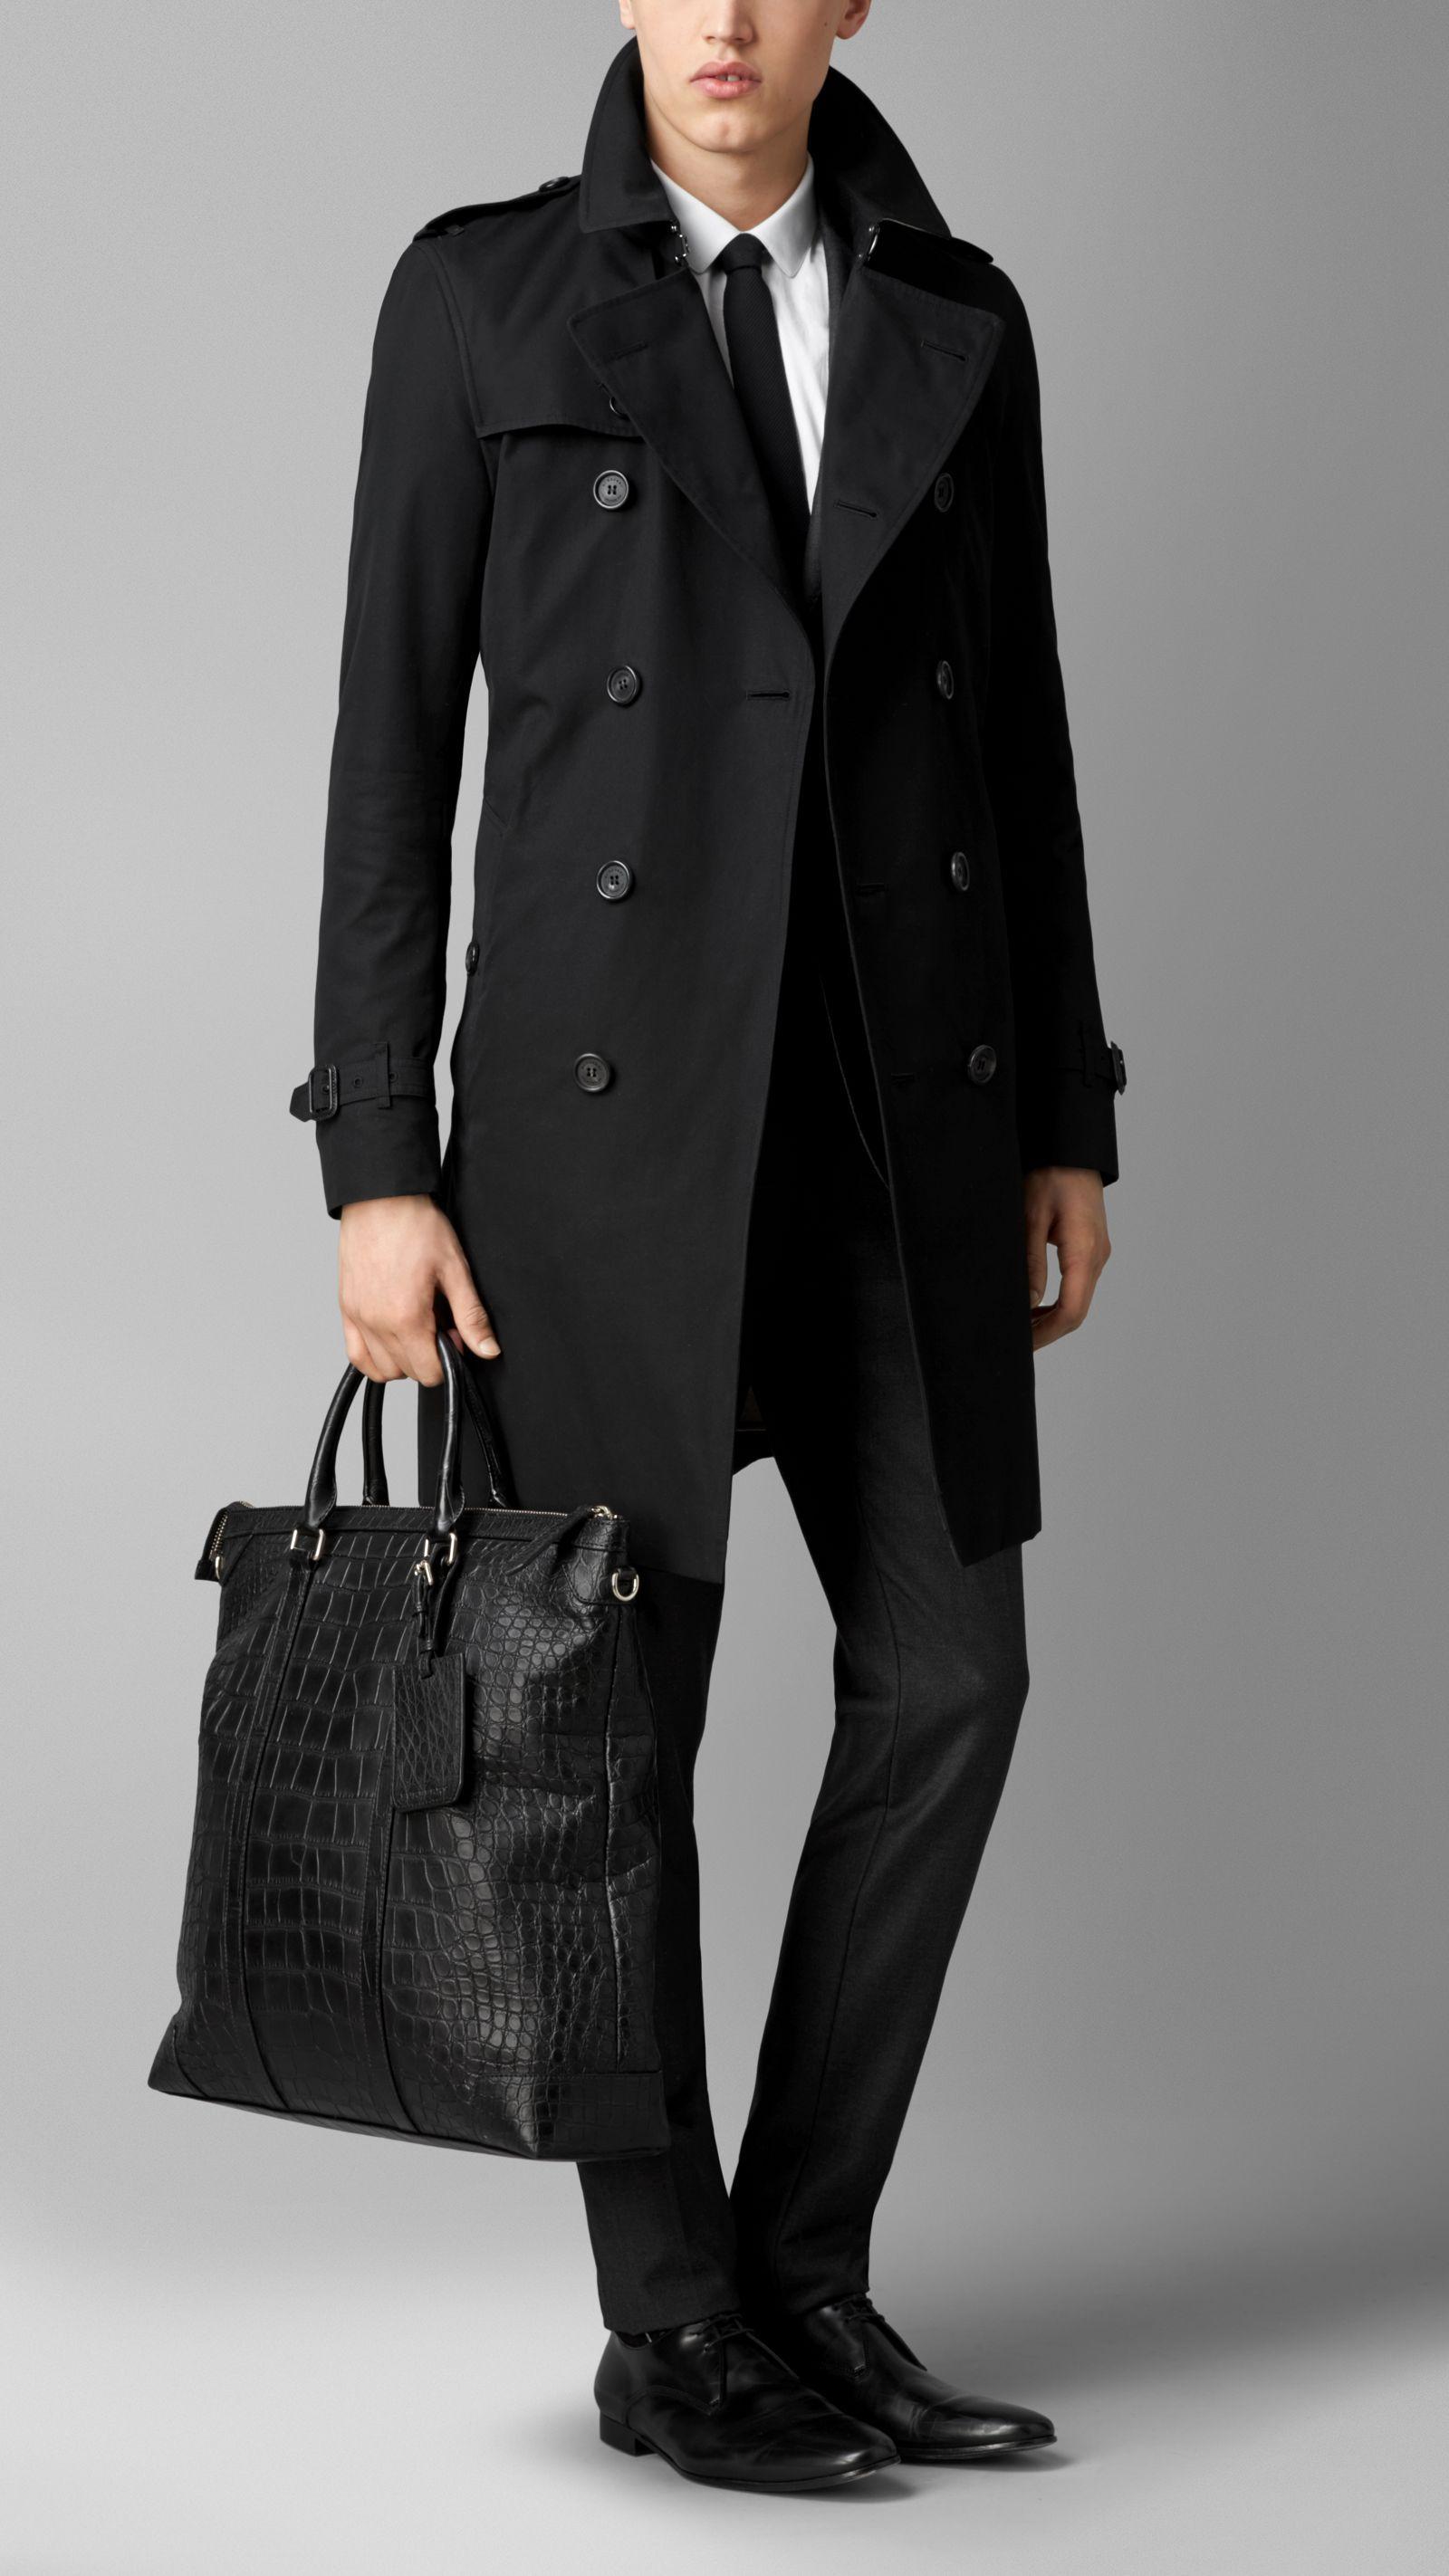 Borse Da Uomo Burberry.Borse Uomo Tote Zaini E Borse Portadocumenti Burberry Moda Uomo Casual Moda Uomo Borse